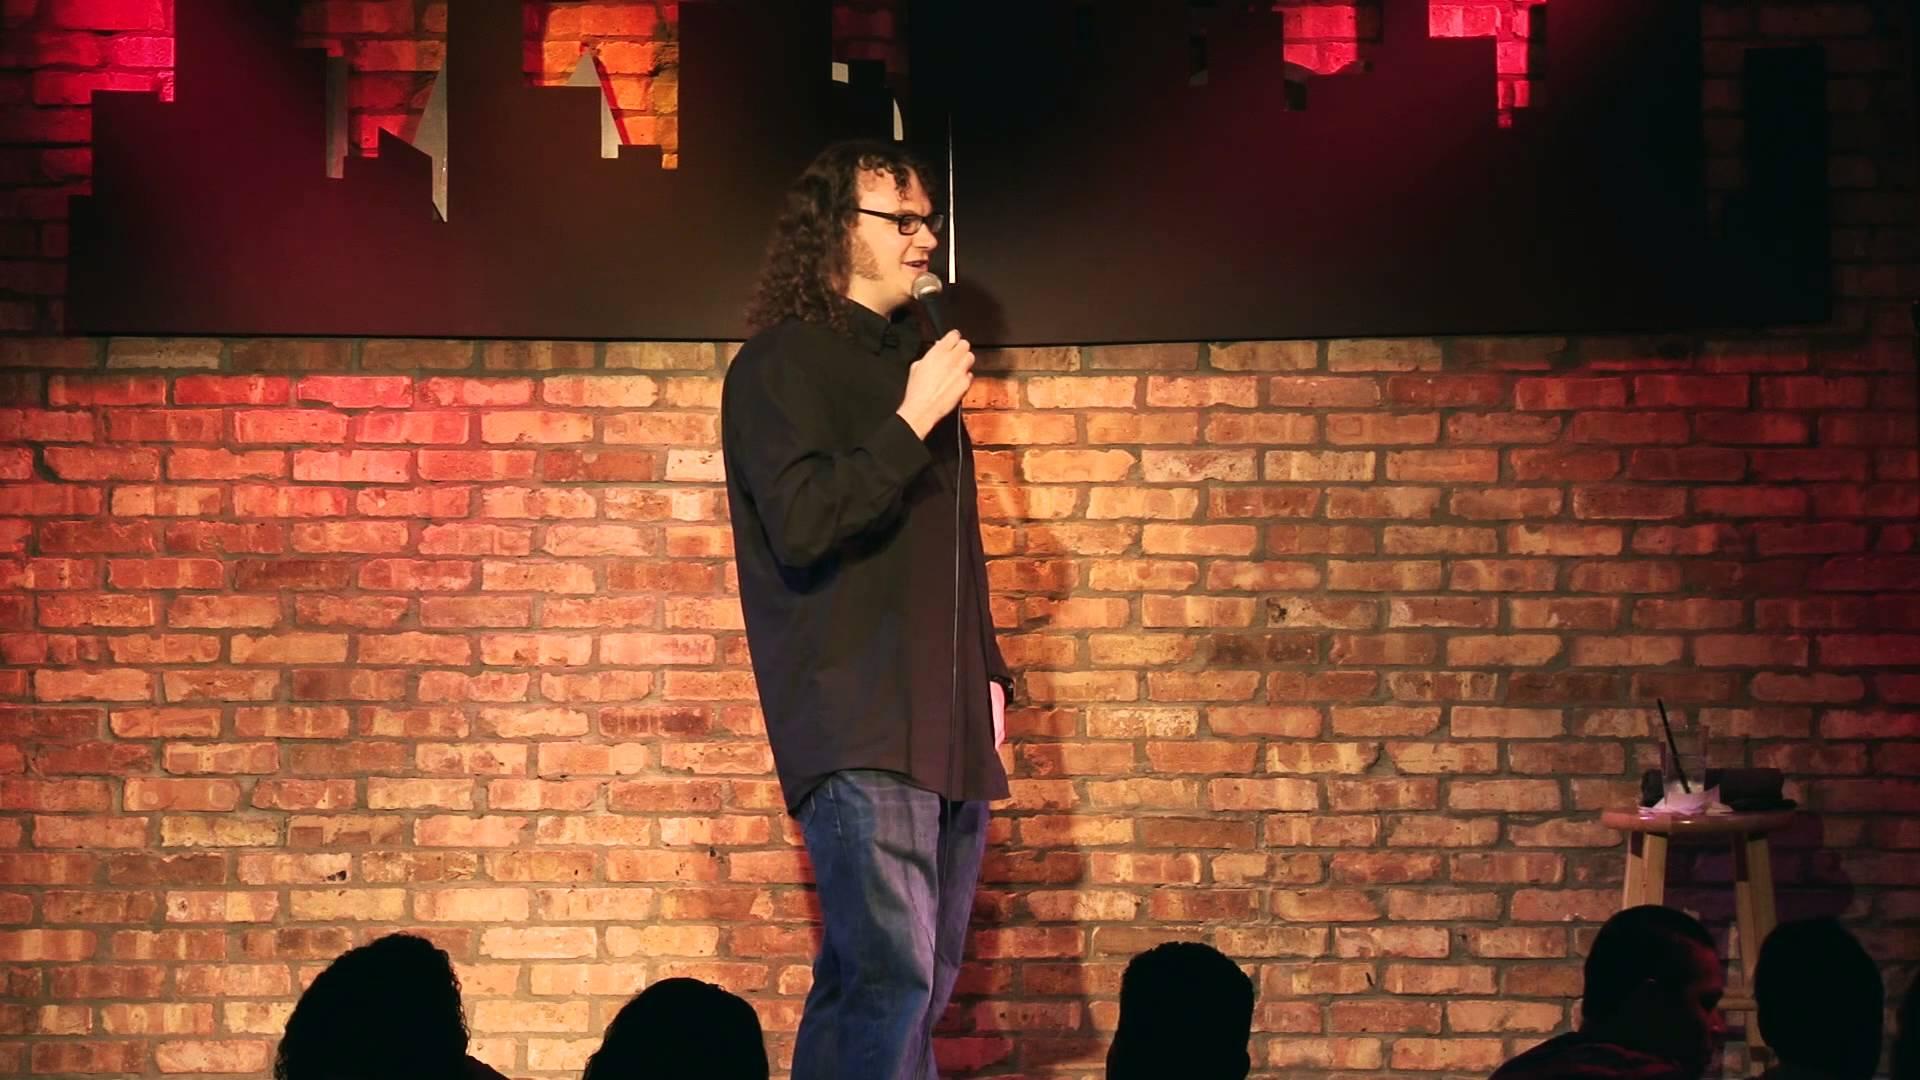 Improv Comedy Club Timeliness